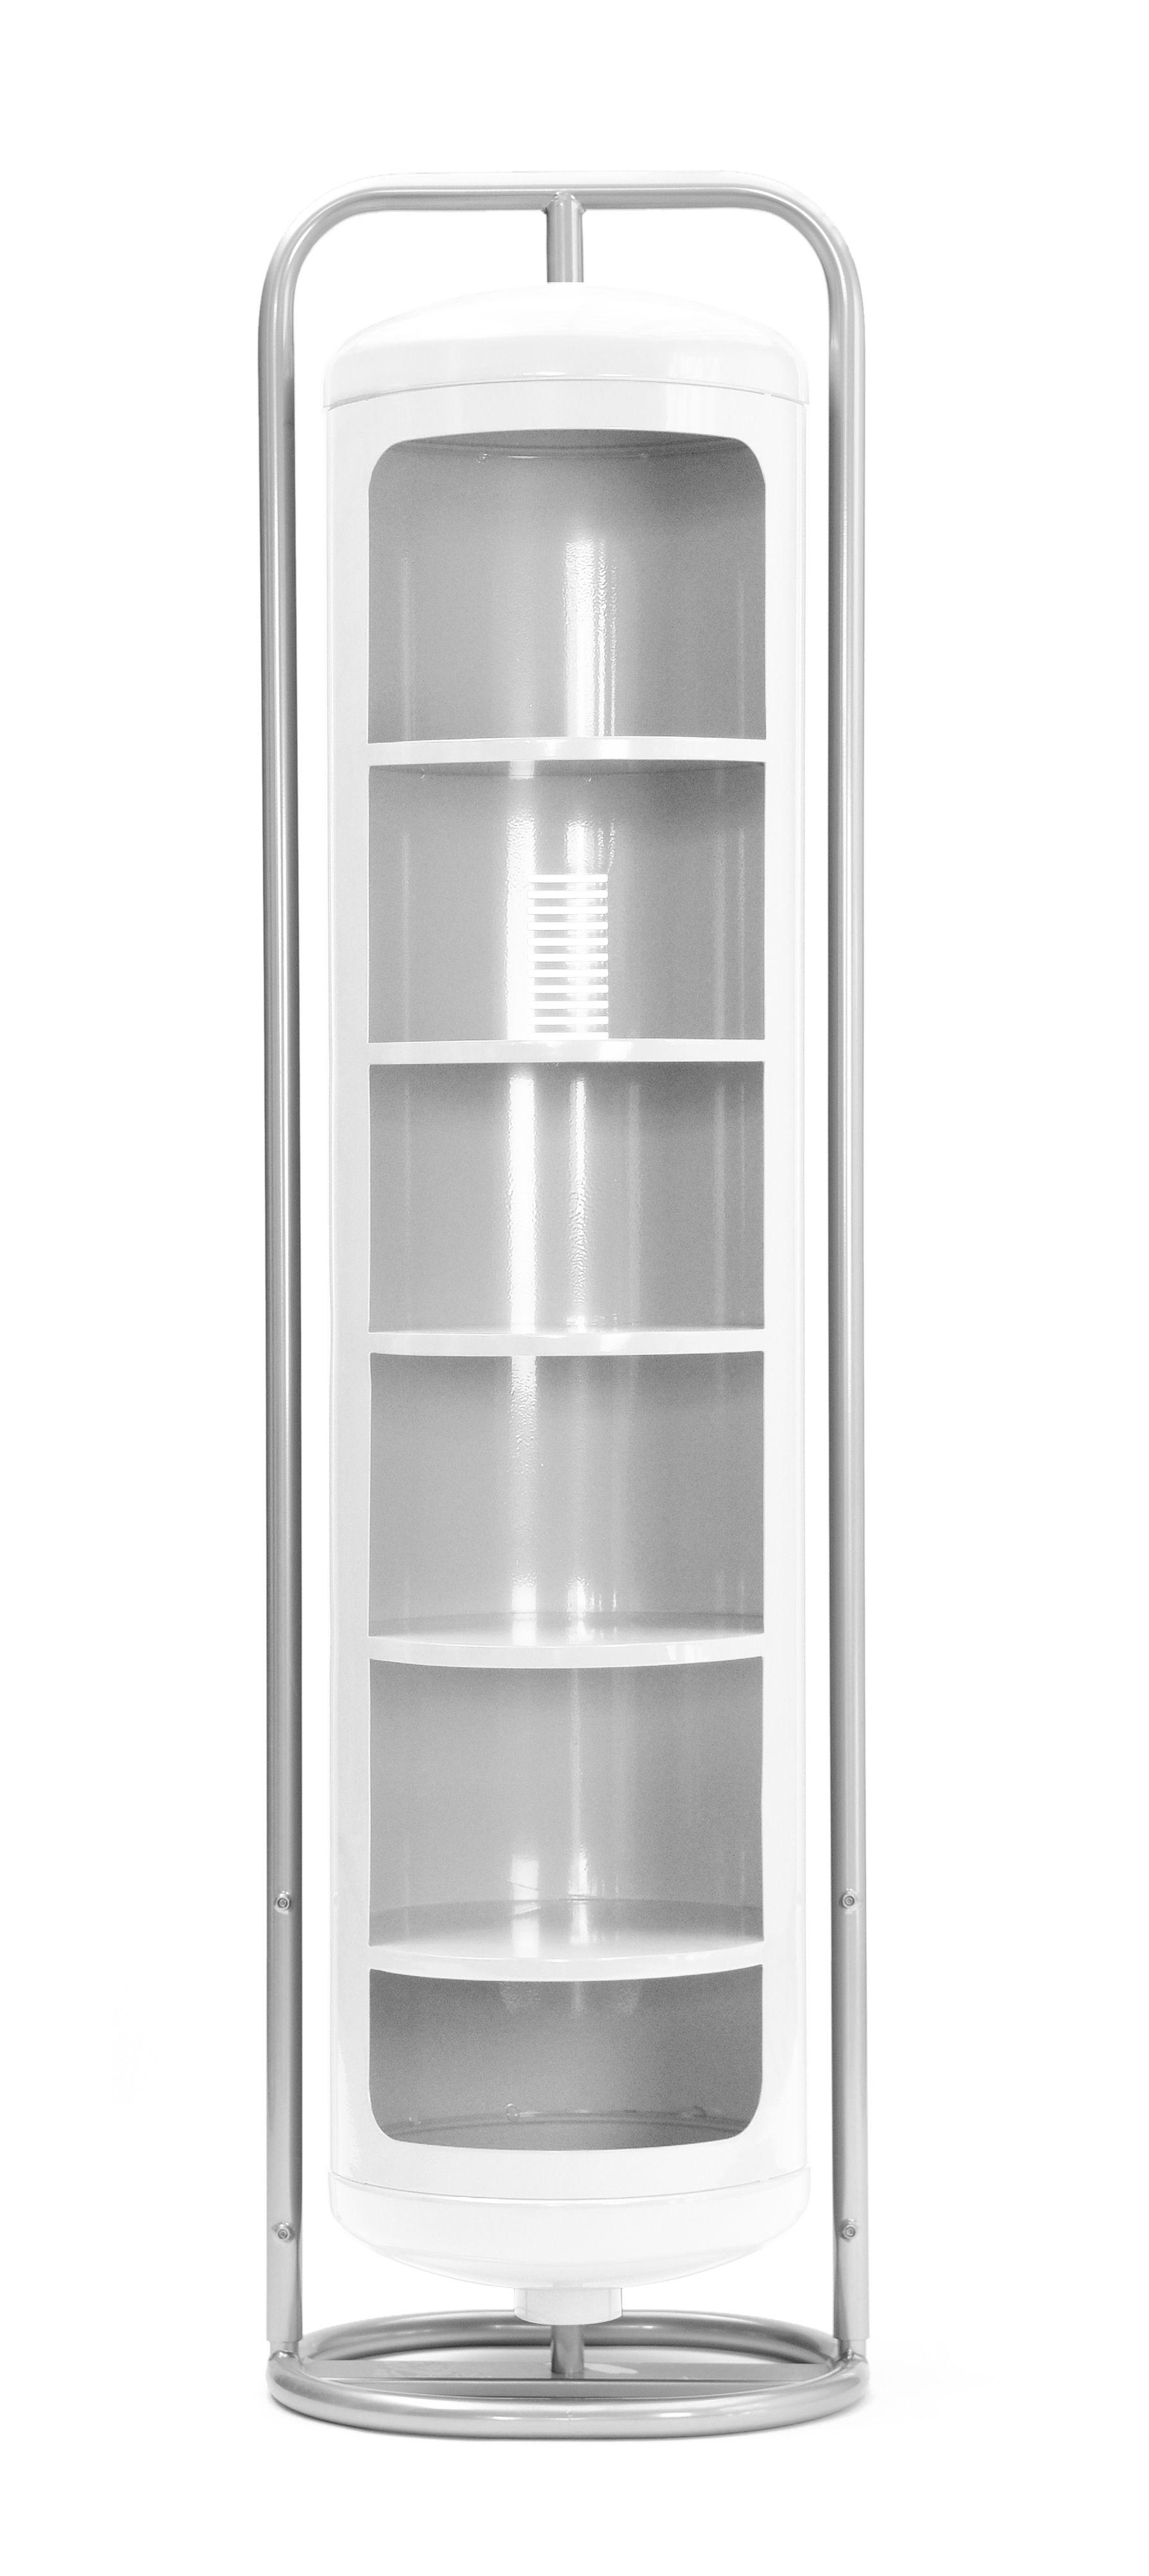 Arredamento - Scaffali e librerie - Armadio Cylindre Mono di Tolix - Bianco - Acciaio riciclato laccato